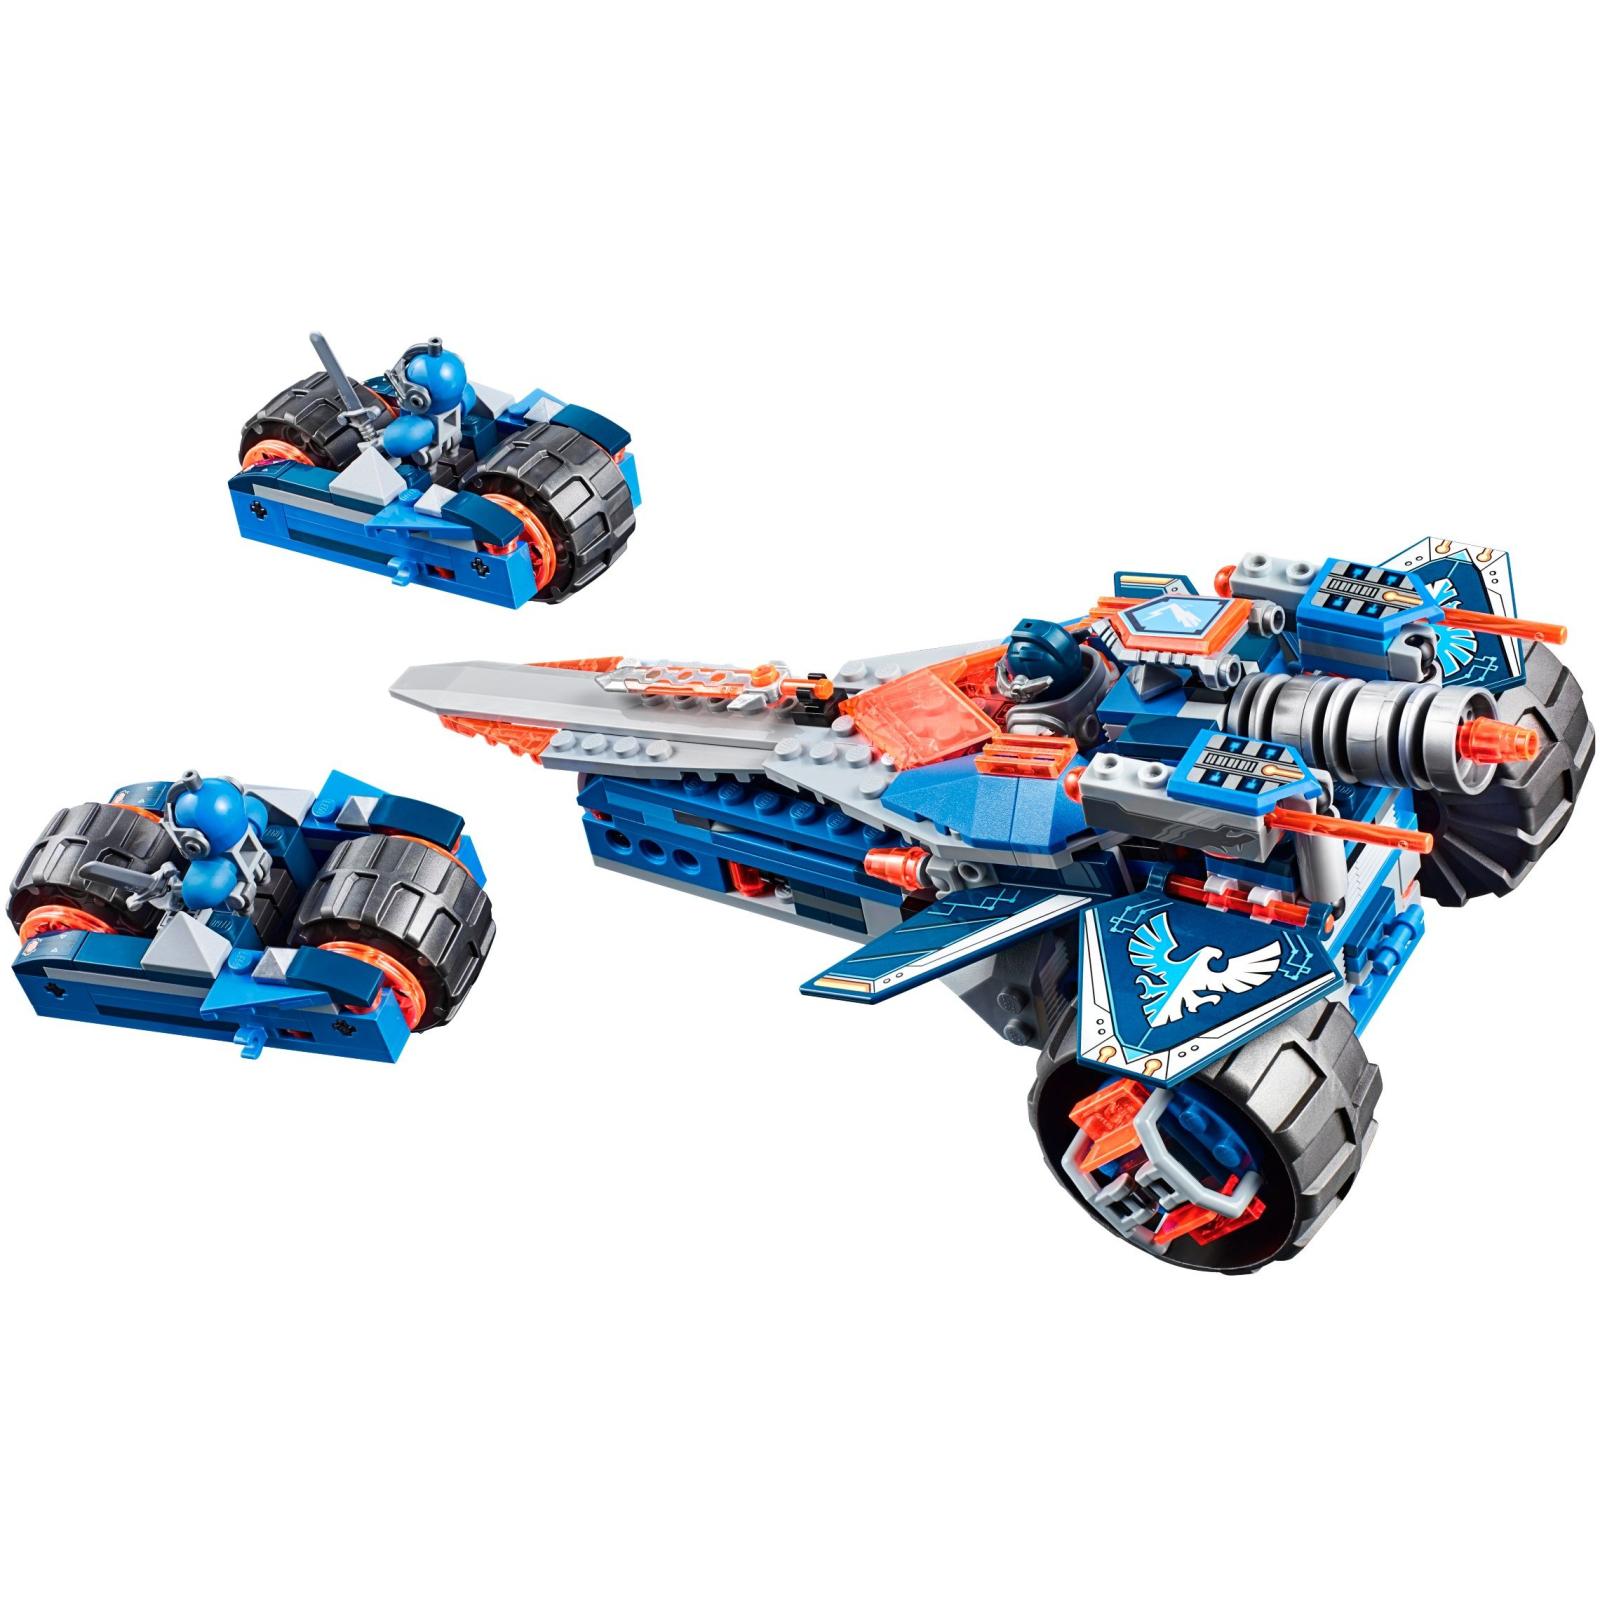 Конструктор LEGO Nexo Knights Устрашающий разрушитель Клэя (70315) изображение 7